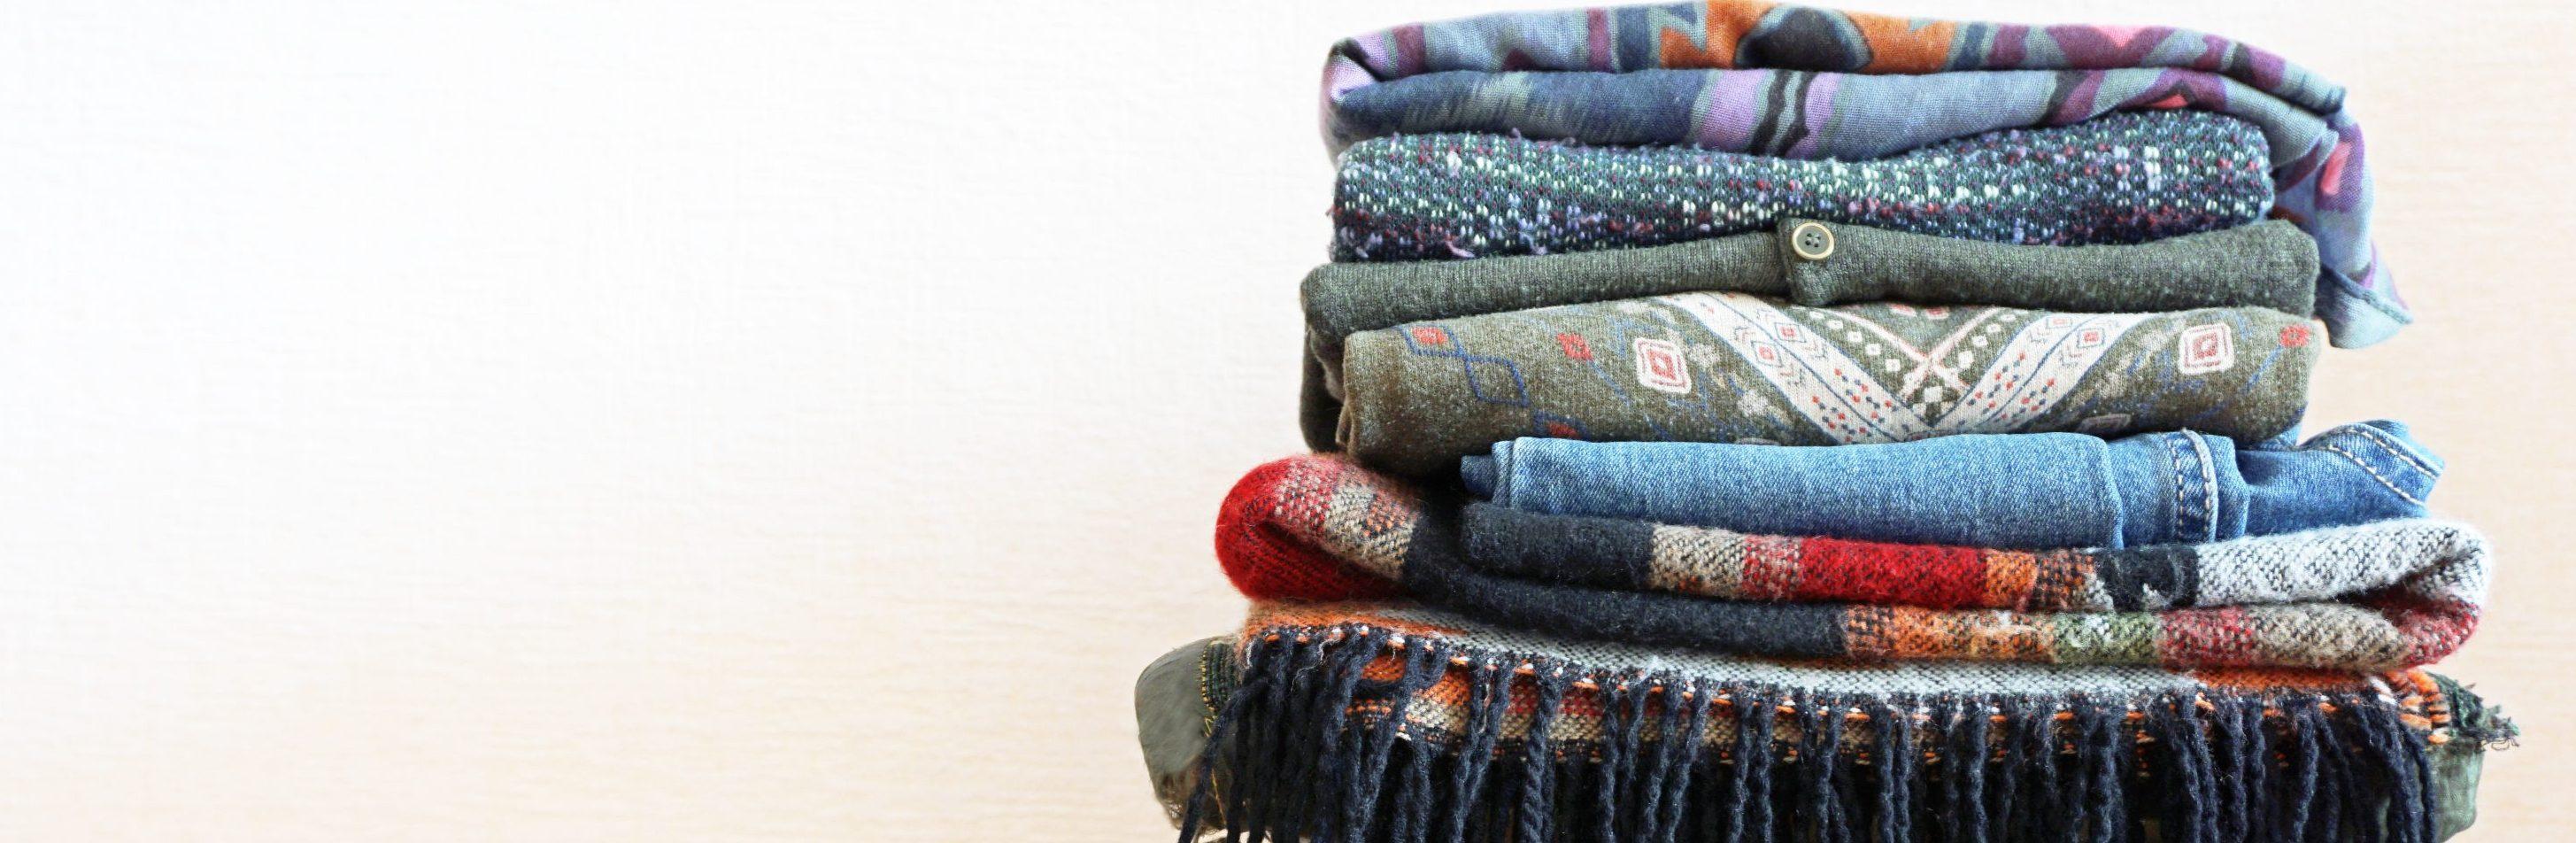 pile of folded clothing